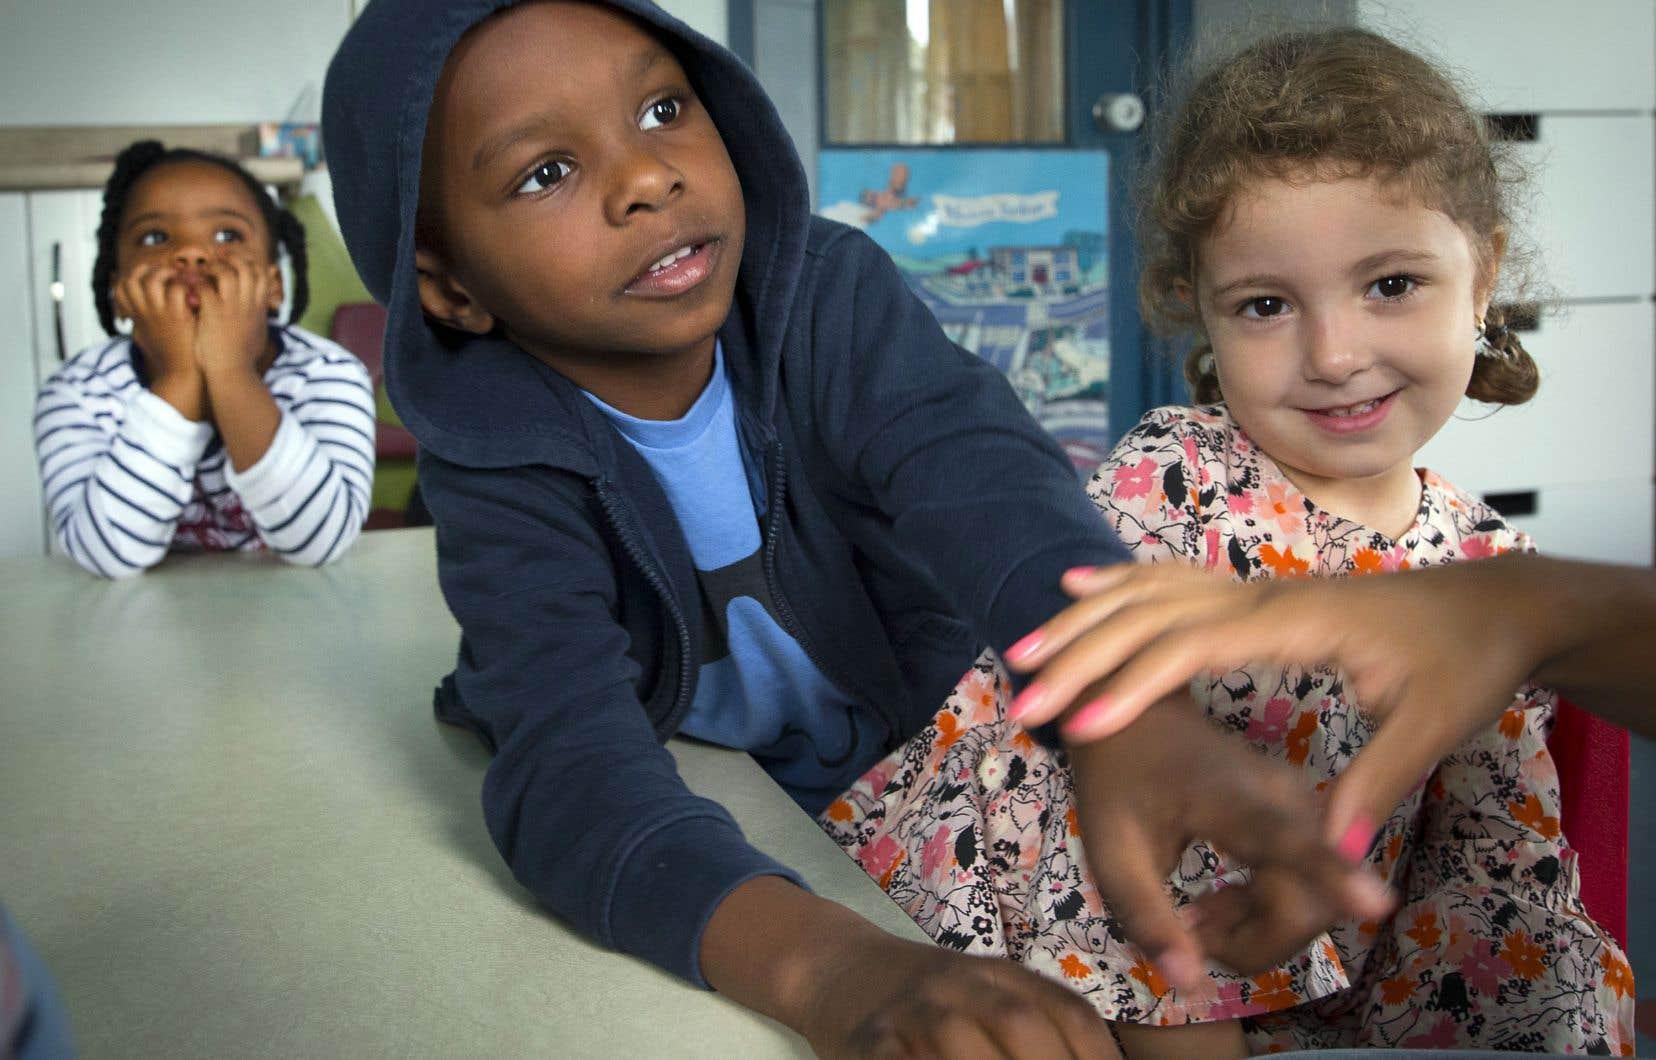 Au CPE L'Oasis des enfants, dans Montréal-Nord, Yara, Noah et Kae'lysha attendent les consignes de l'éducatrice pour la prochaine activité.